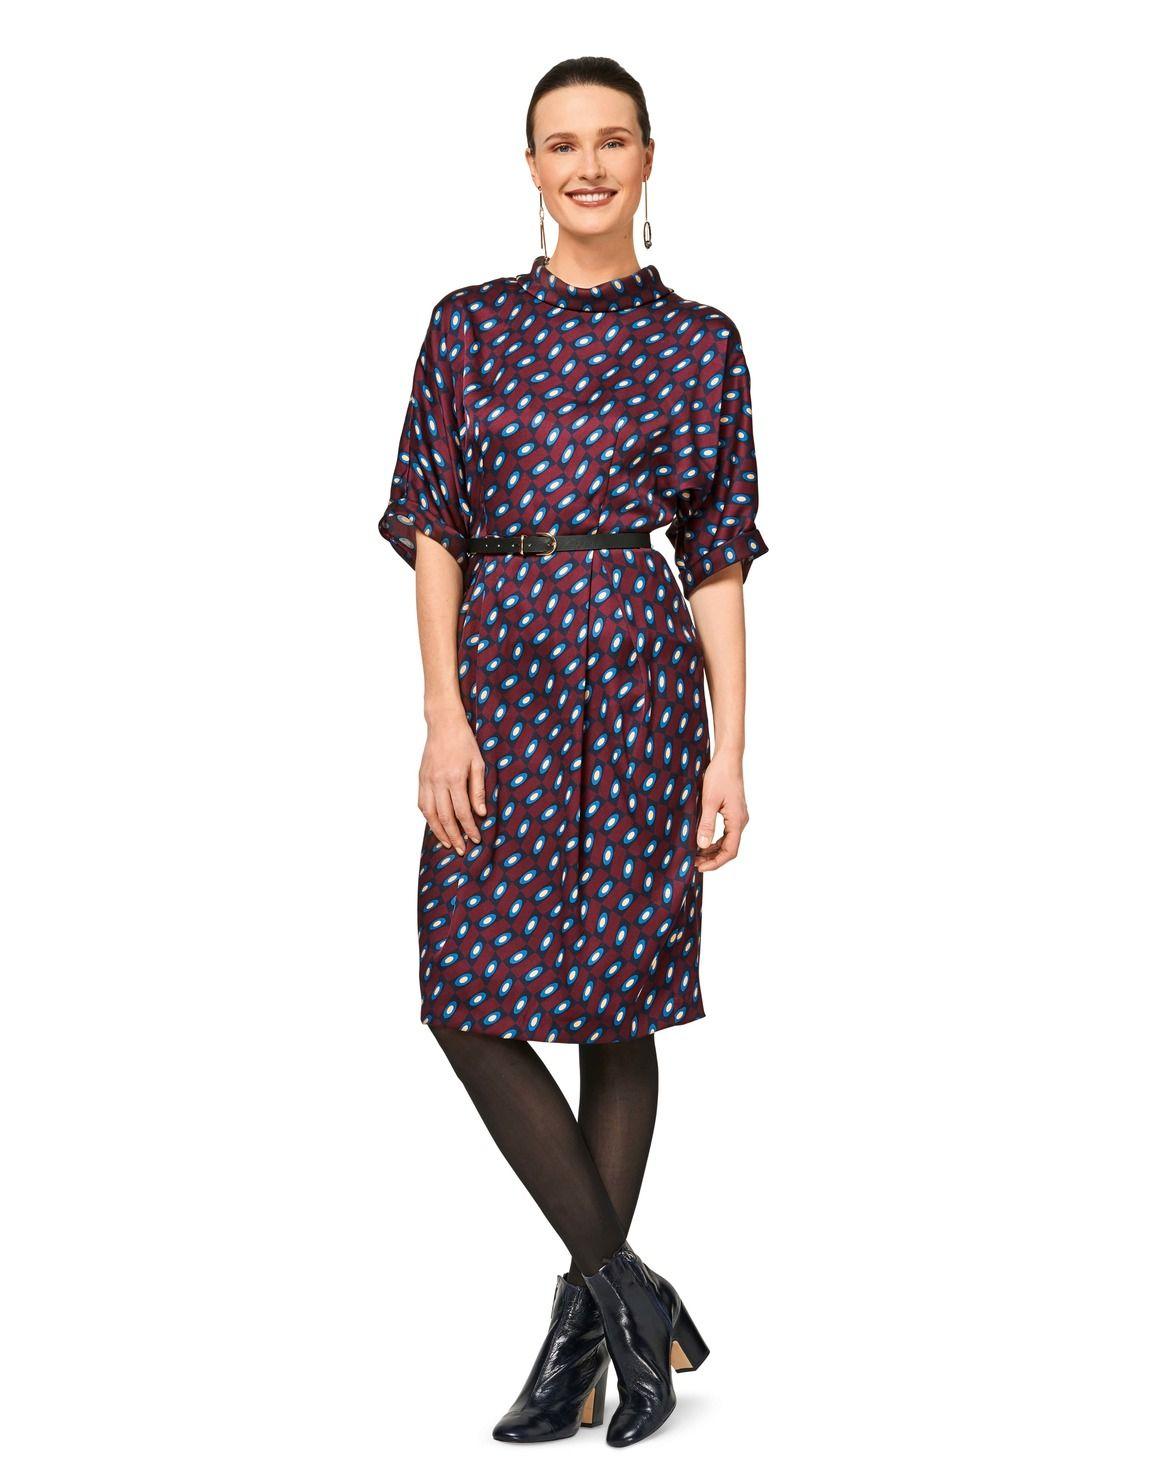 Blusen-Kleid H/W 2017 #6451B | Blusenkleid, Schalkragen und Burda style